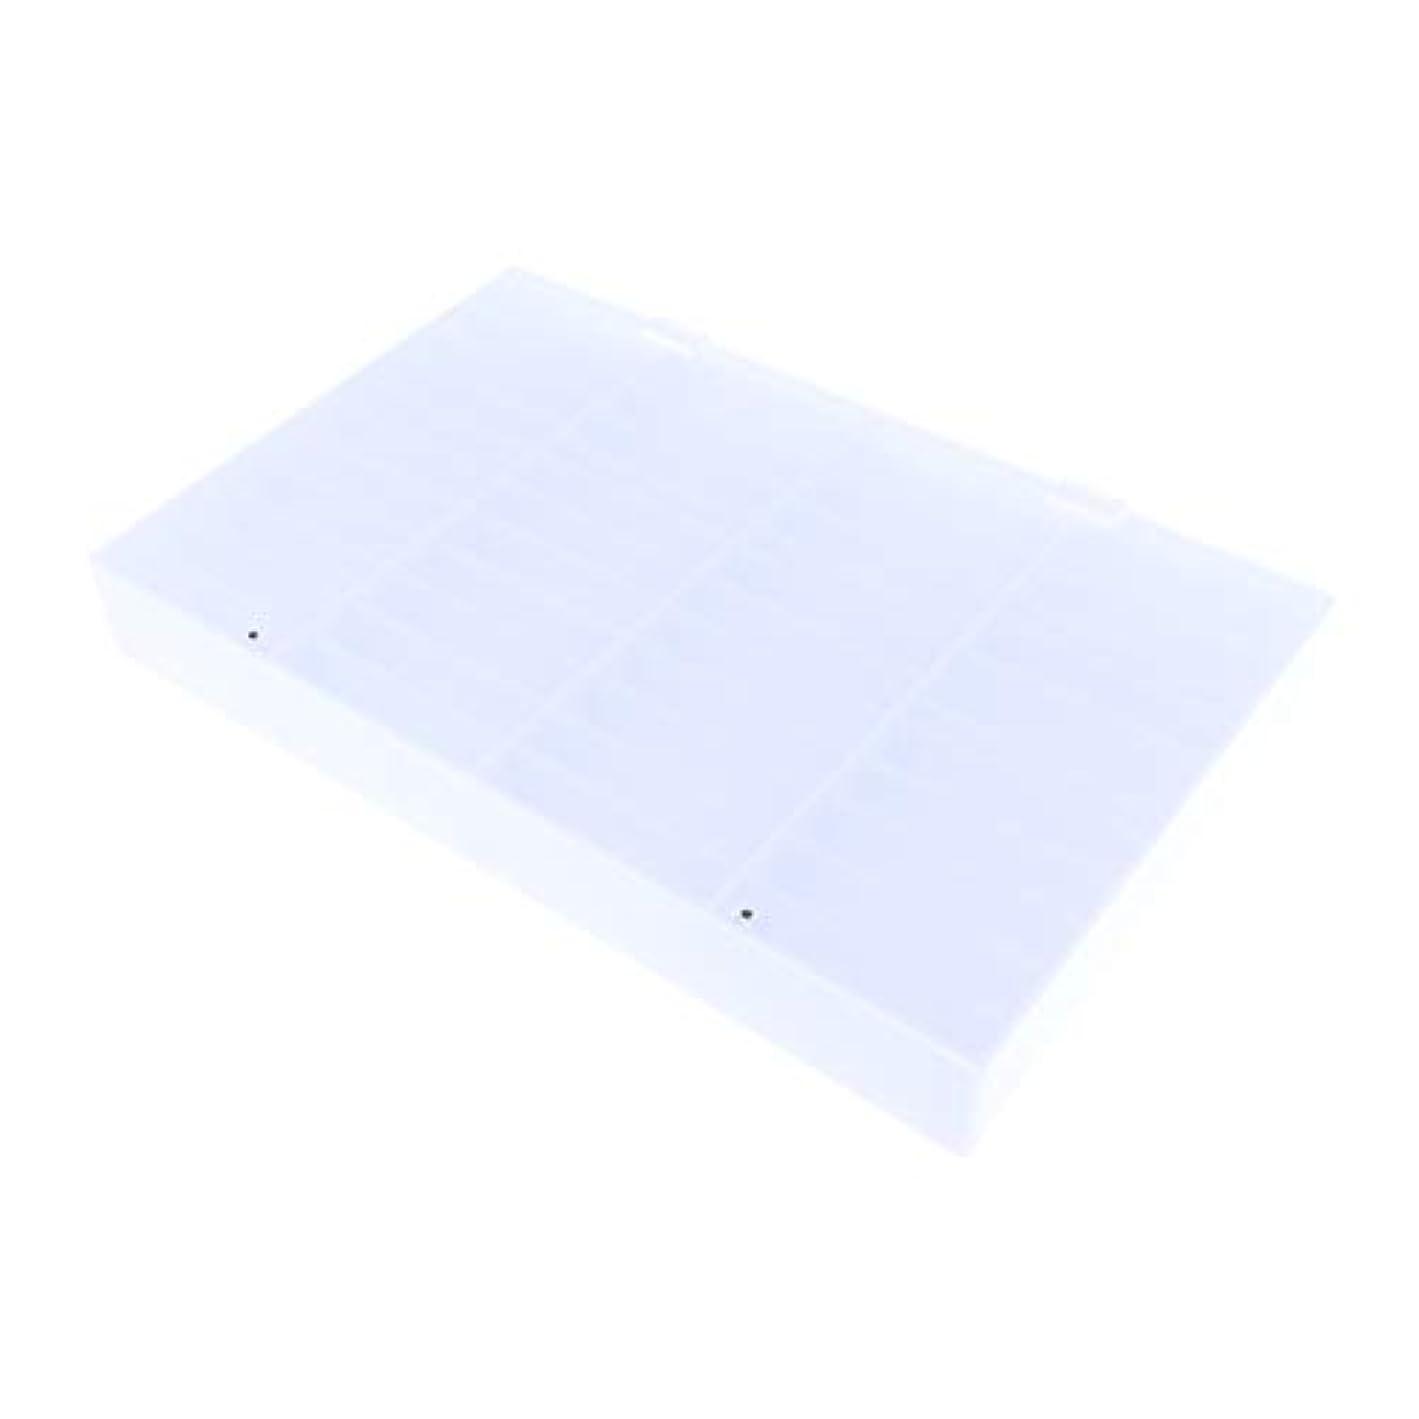 樹皮恥真実Toygogo ネイルチップ ネイルアート 装飾 小物 44仕切り 収納ボックス ディスプレイ ケース